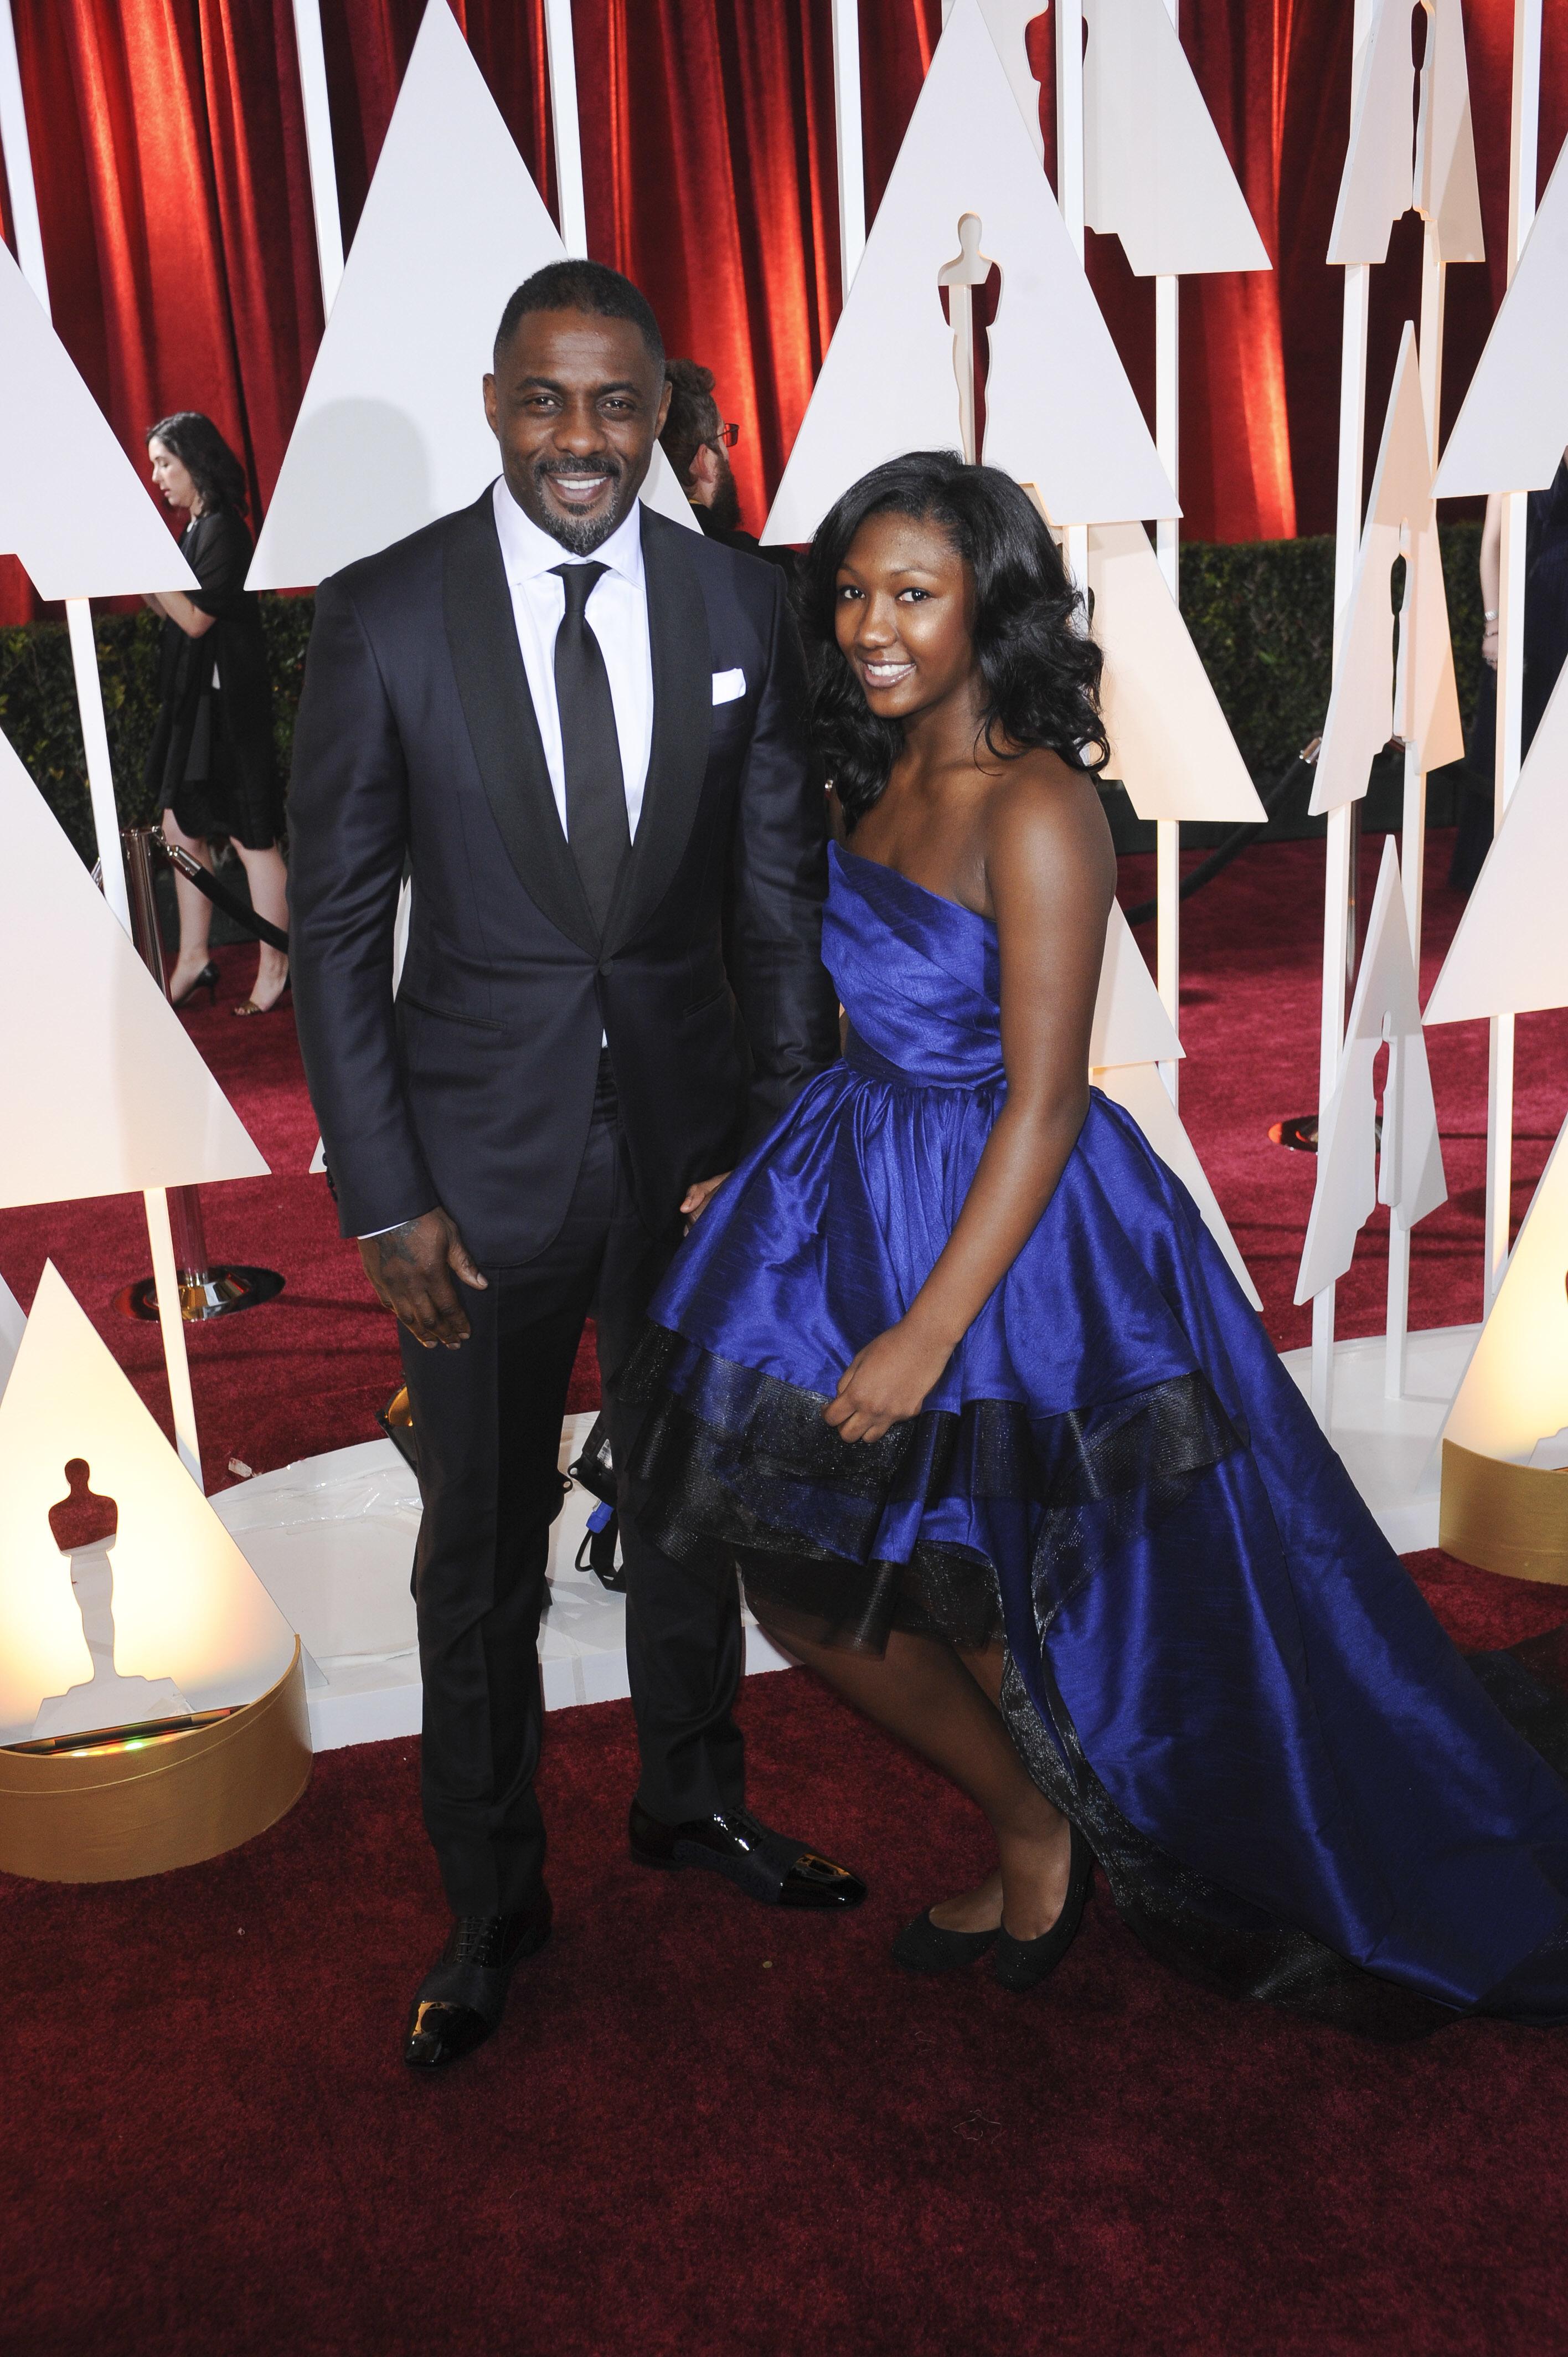 Idris and Isan Elba at Oscars Red Carpet